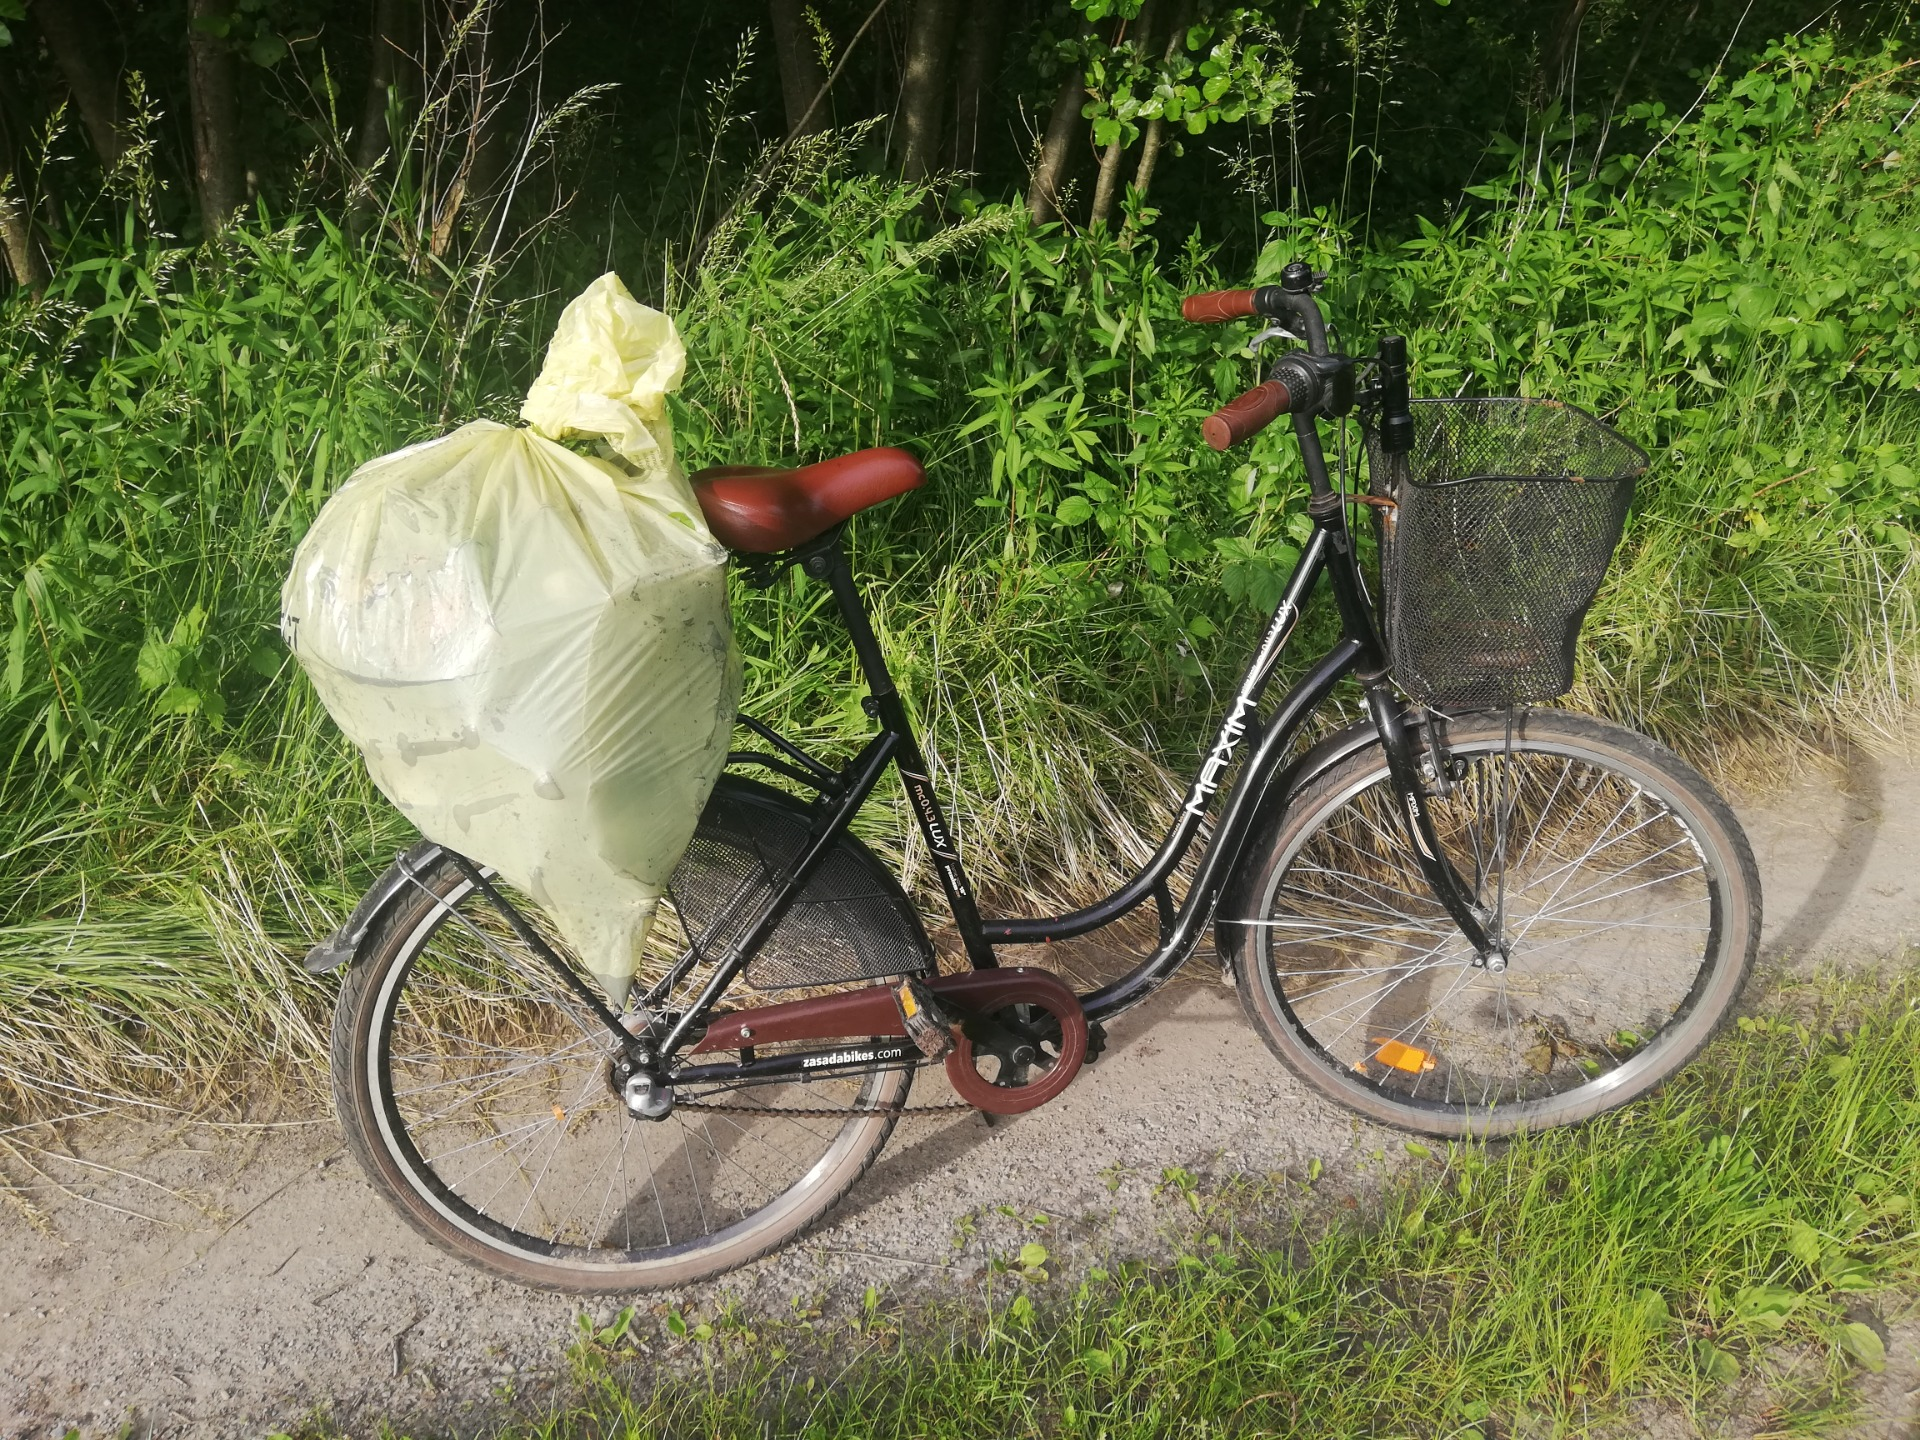 Uczniowie z Weryni zebrali ponad 500 litrów śmieci! [ZDJĘCIA] - Zdjęcie główne